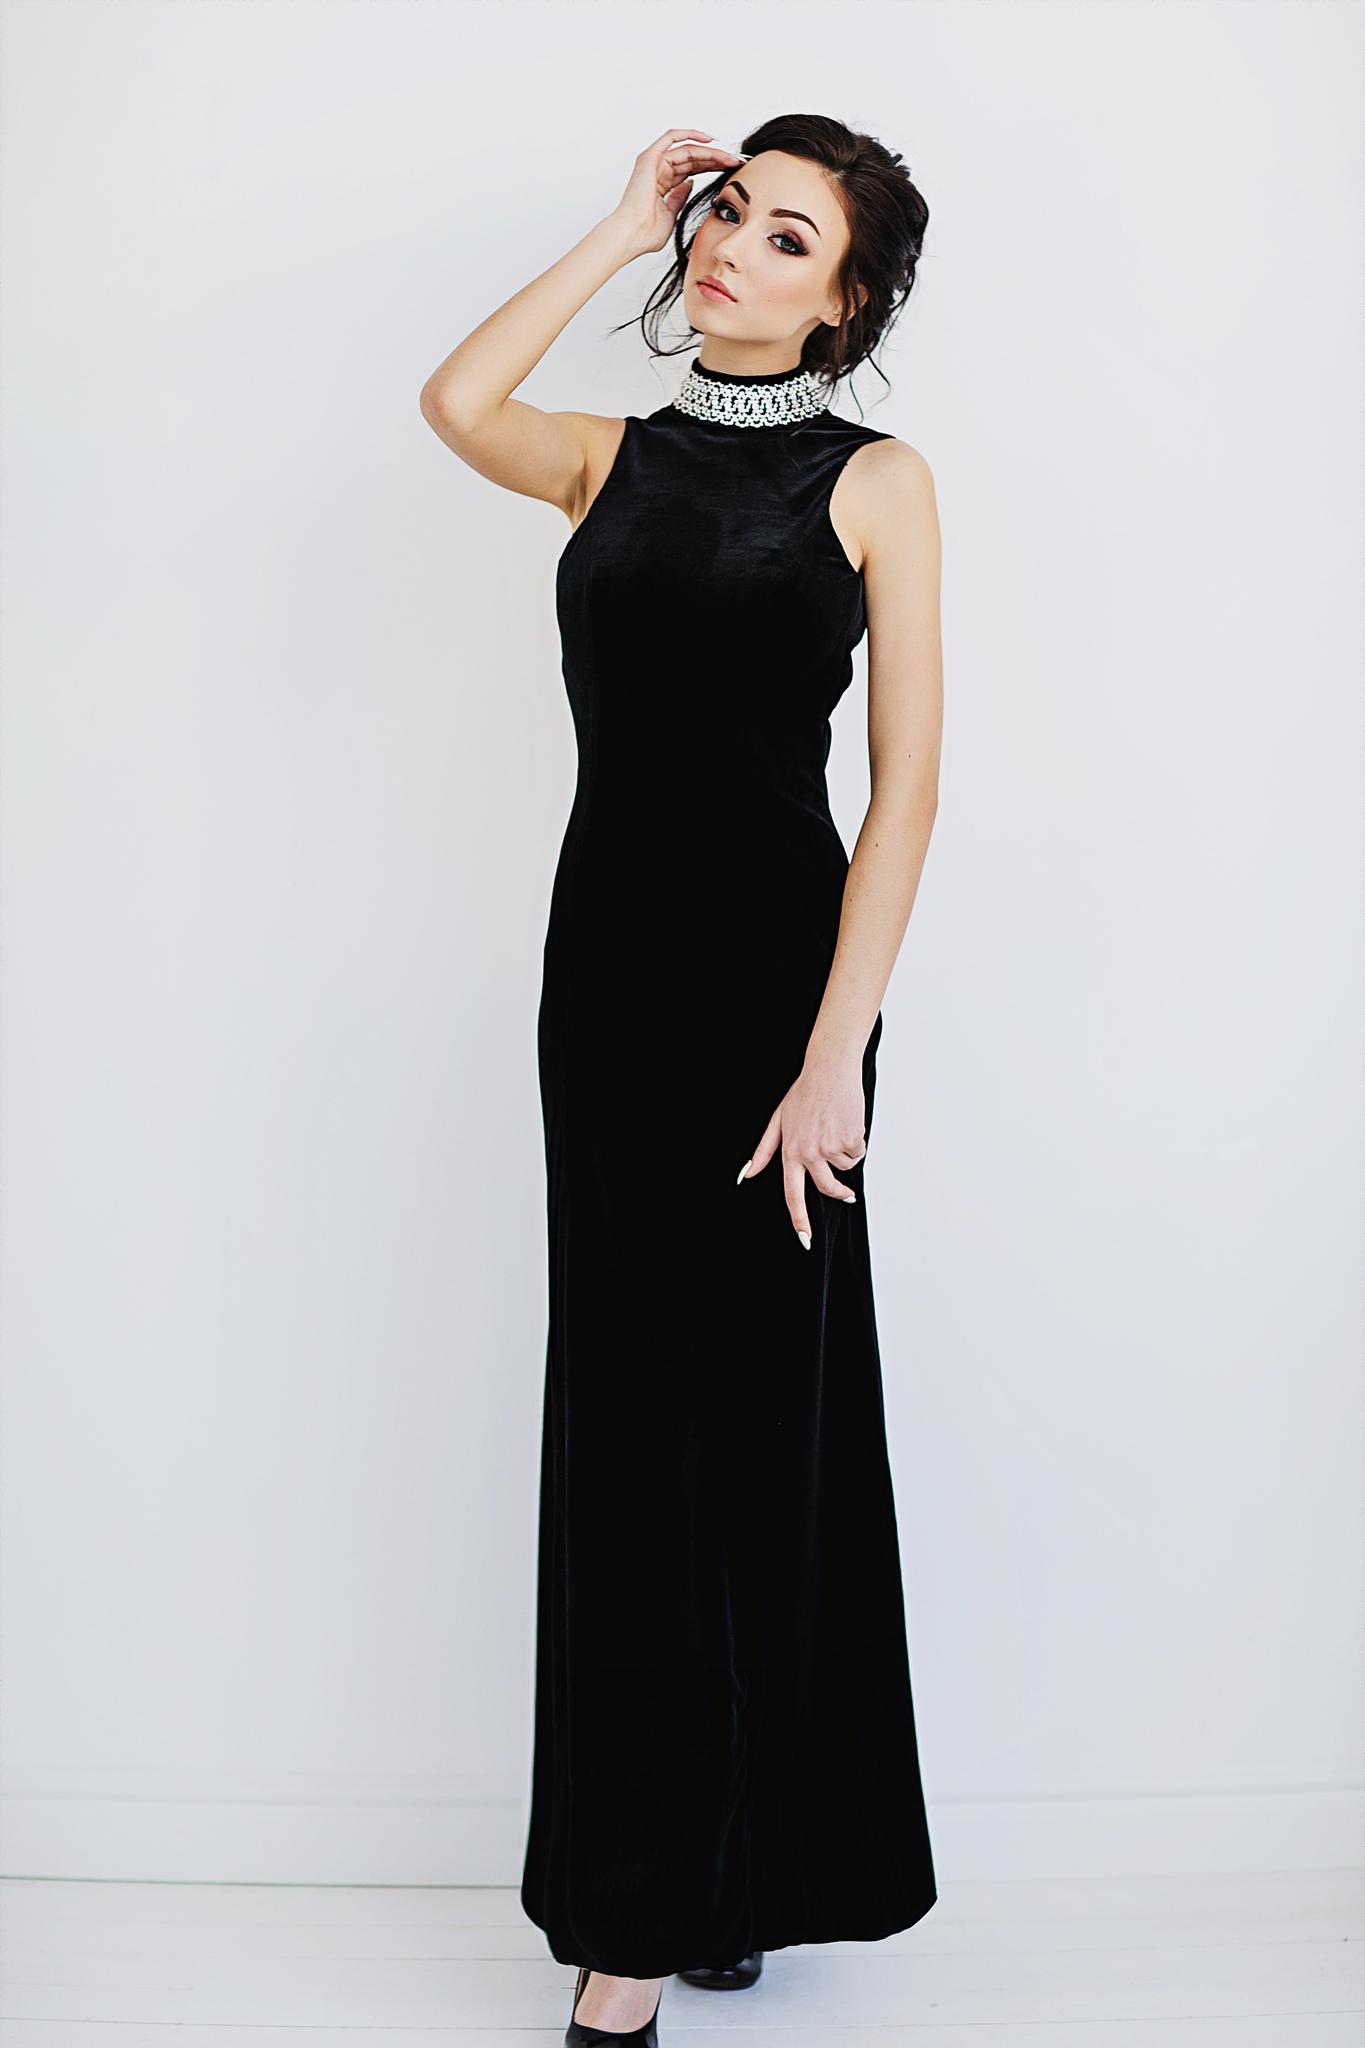 SR1017 Черное, бархатное платье, воротник  расшит бусинами,  длина  до пола